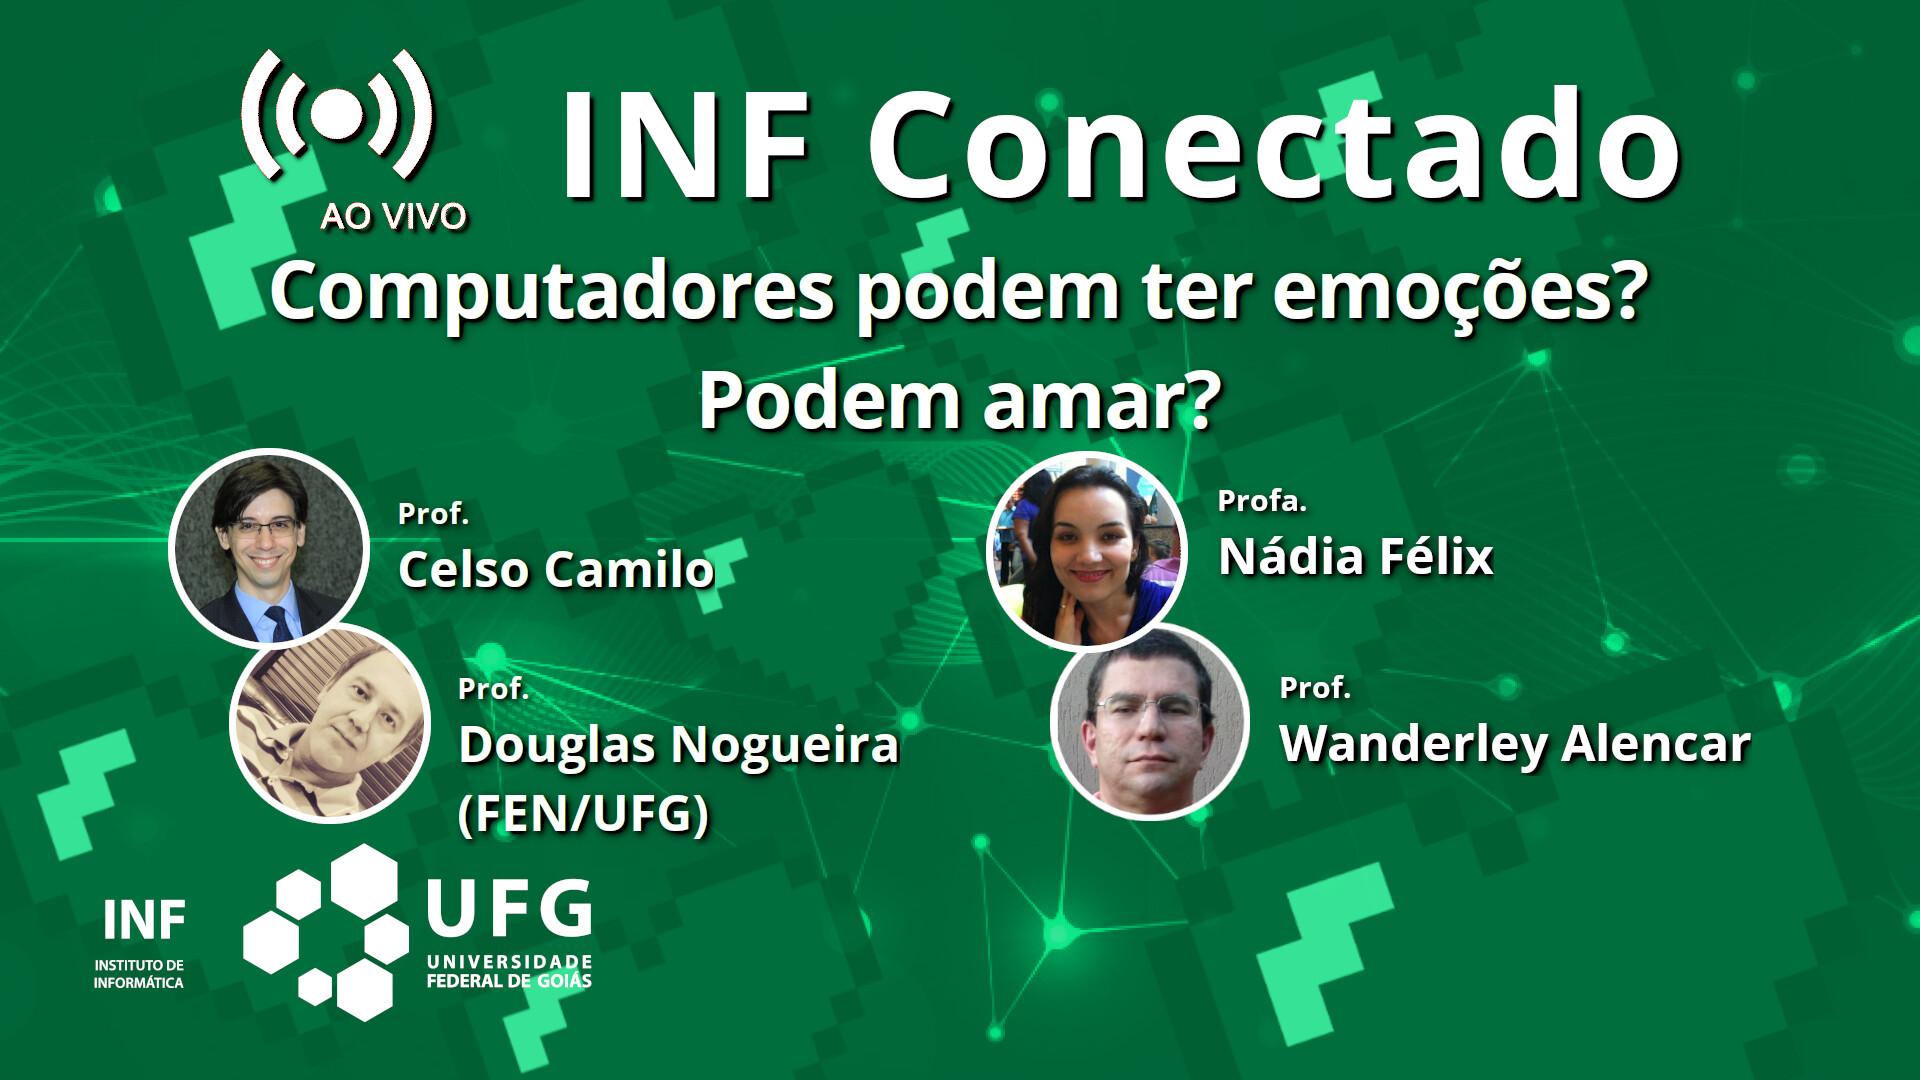 INF Conectado  - YouTube - 09